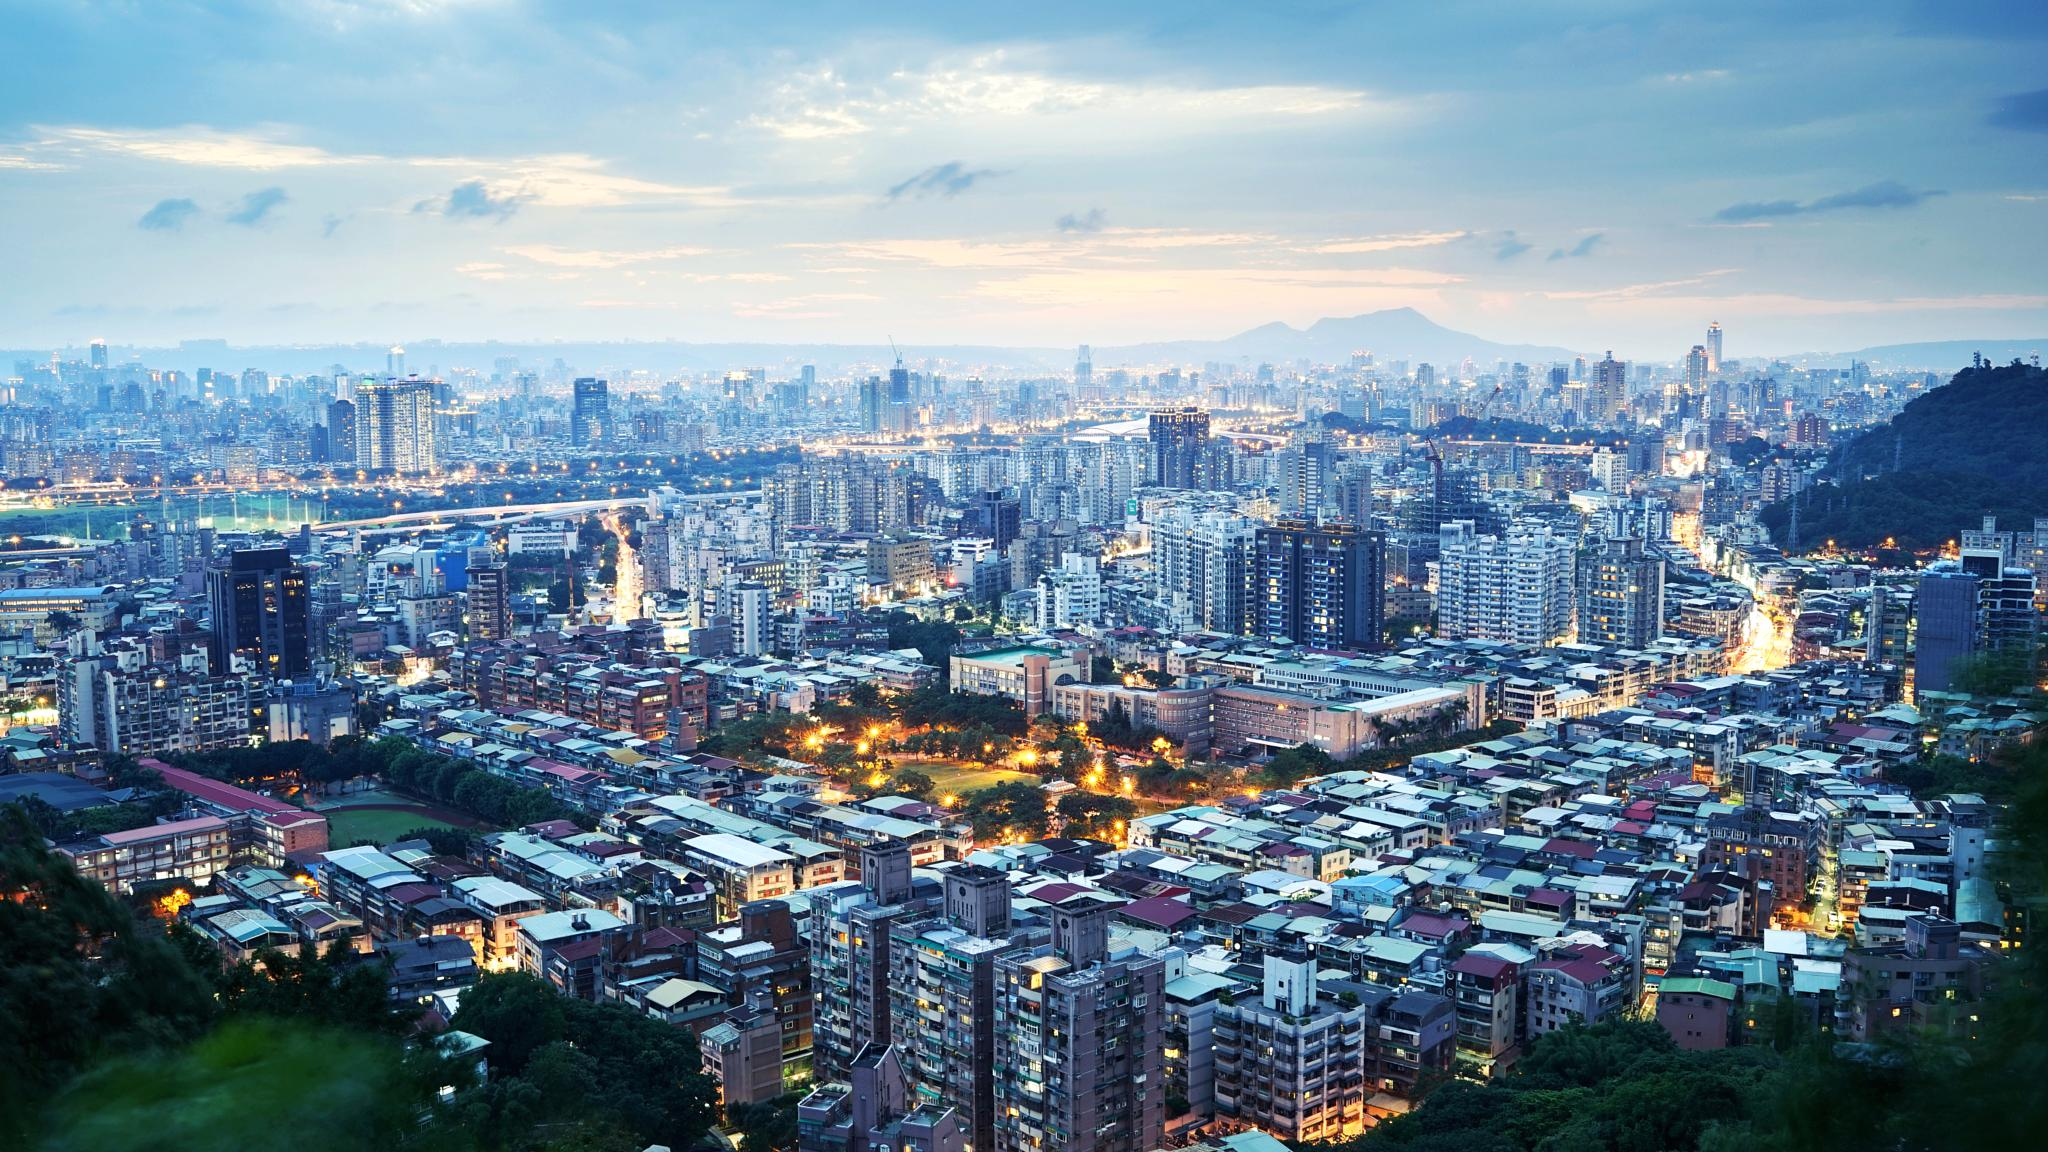 Taipei city by Han-Lin